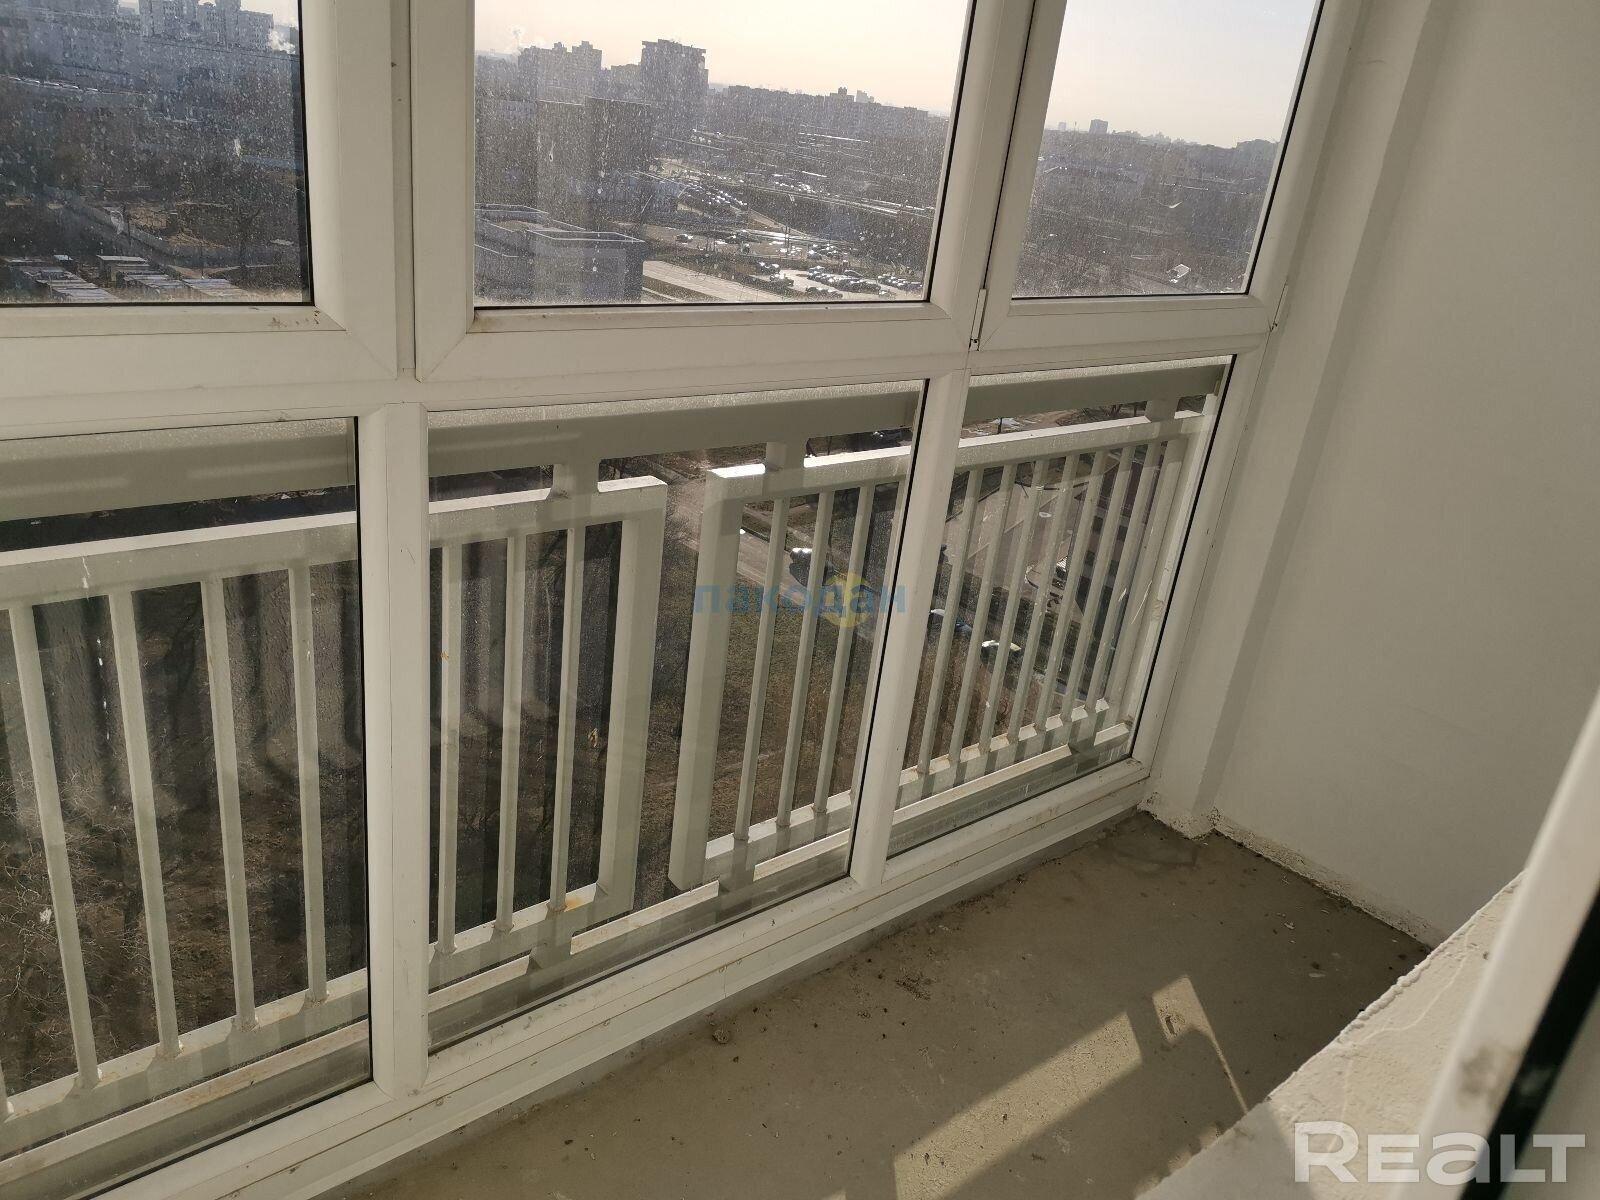 Продается 2-х комнатная квартира, пер. Железнодорожный 3-й д.10 - фото №6